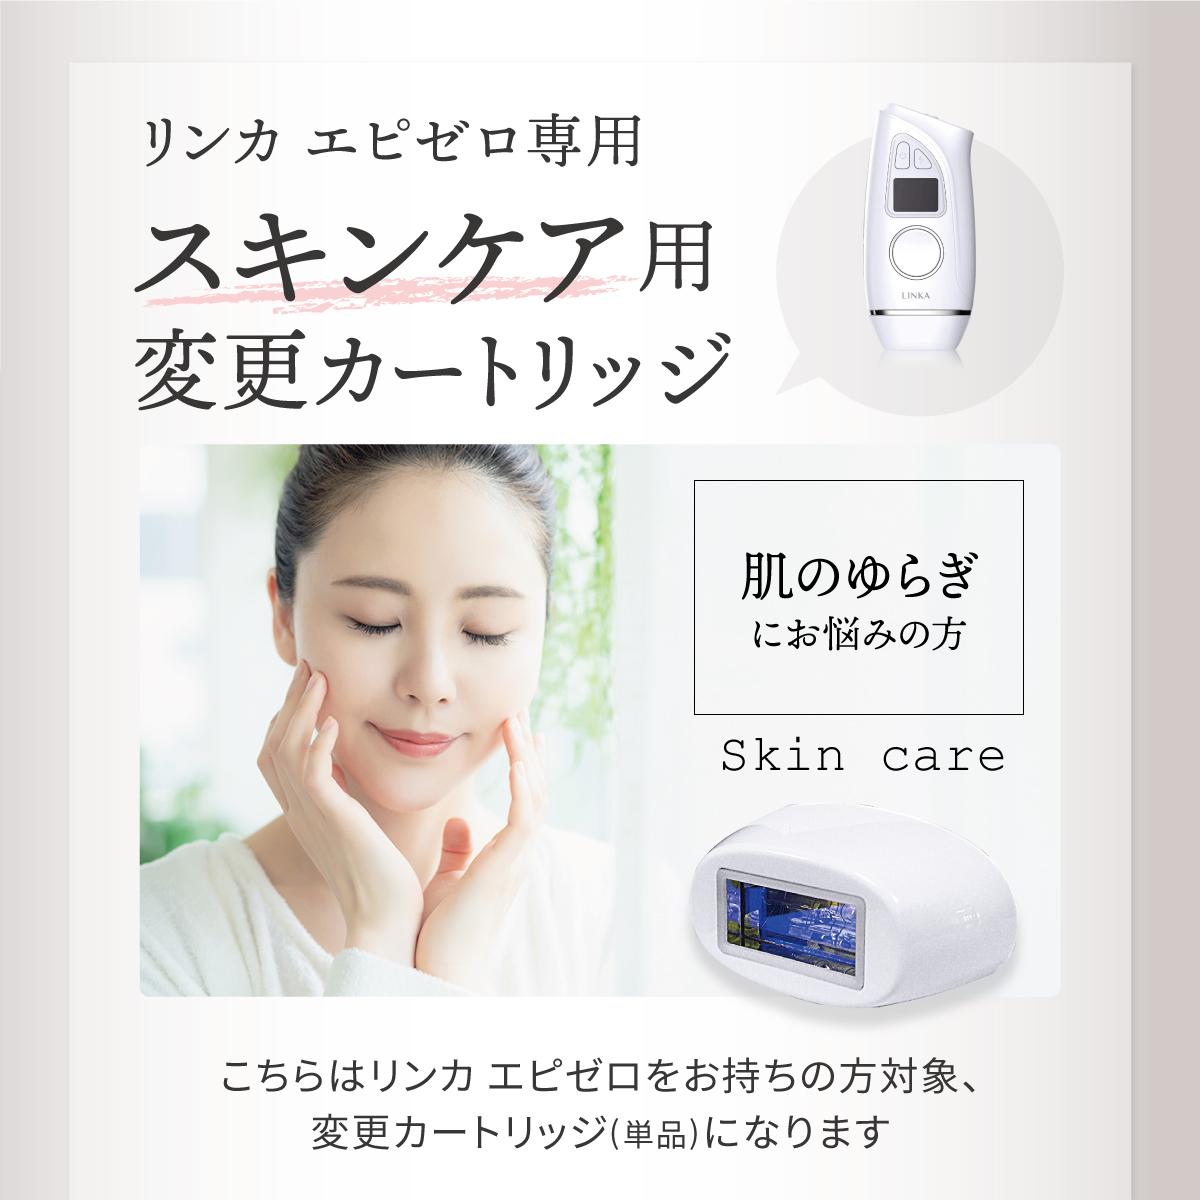 【LINKA】 リンカ IPL脱毛器専用 「スキンケア用 変更カートリッジ」